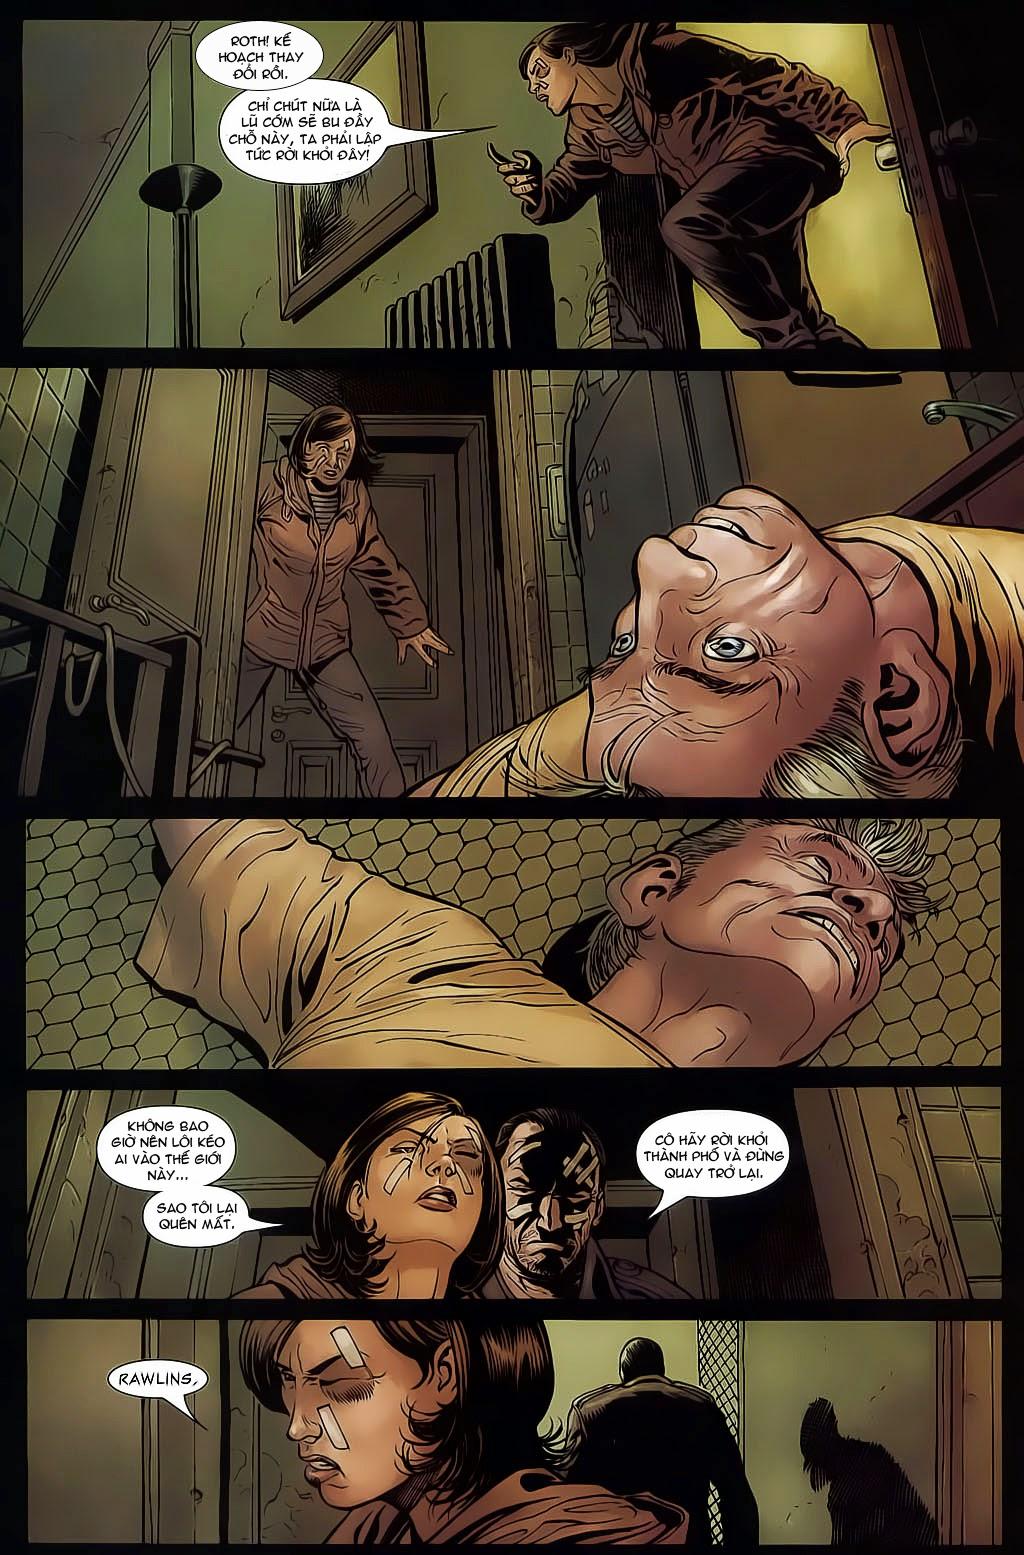 The Punisher: Trên là Dưới & Trắng là Đen chap 6 - Trang 20